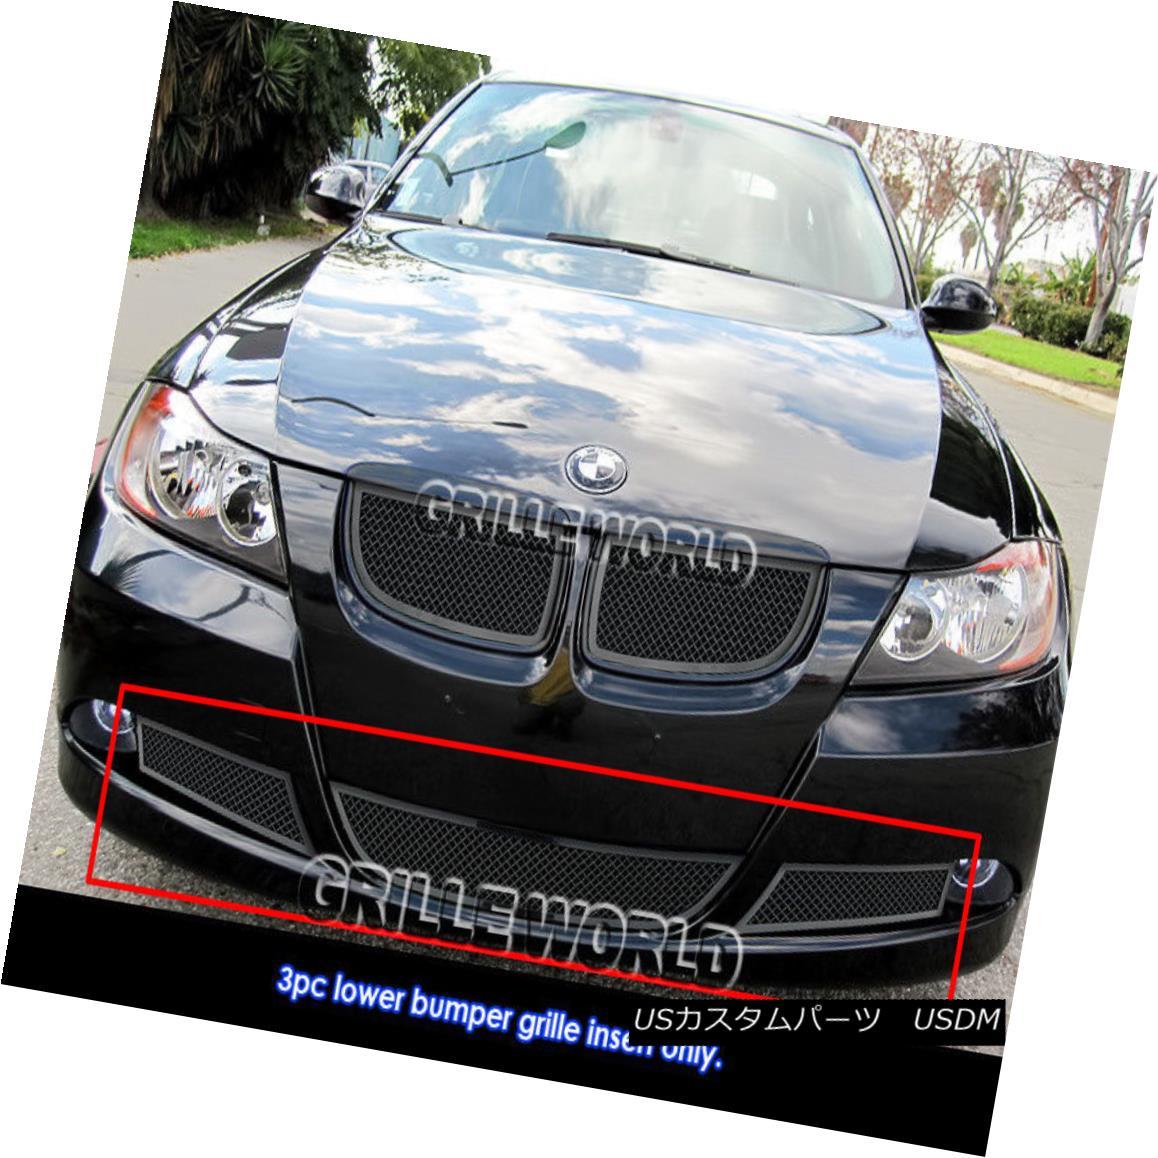 グリル 06-07 BMW 3-Series E90 Sedan Black Bumper Stainless Steel Mesh Grille Grill 06-07 BMW 3シリーズE90セダンブラックバンパーステンレスメッシュグリルグリル